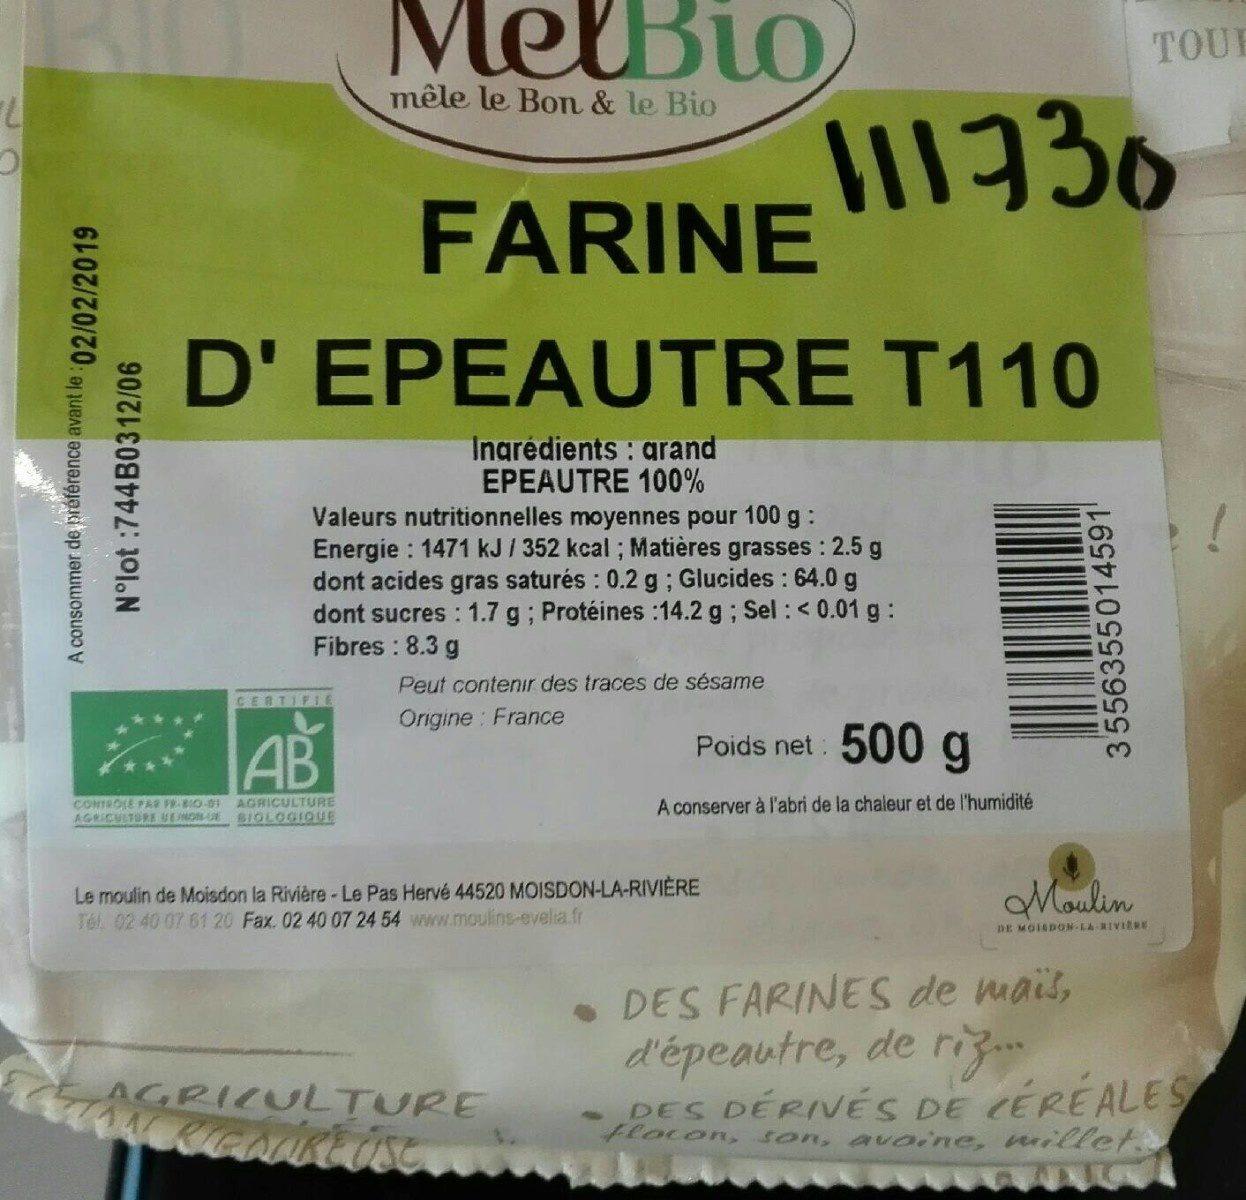 Farine d'épeautre T110 - Product